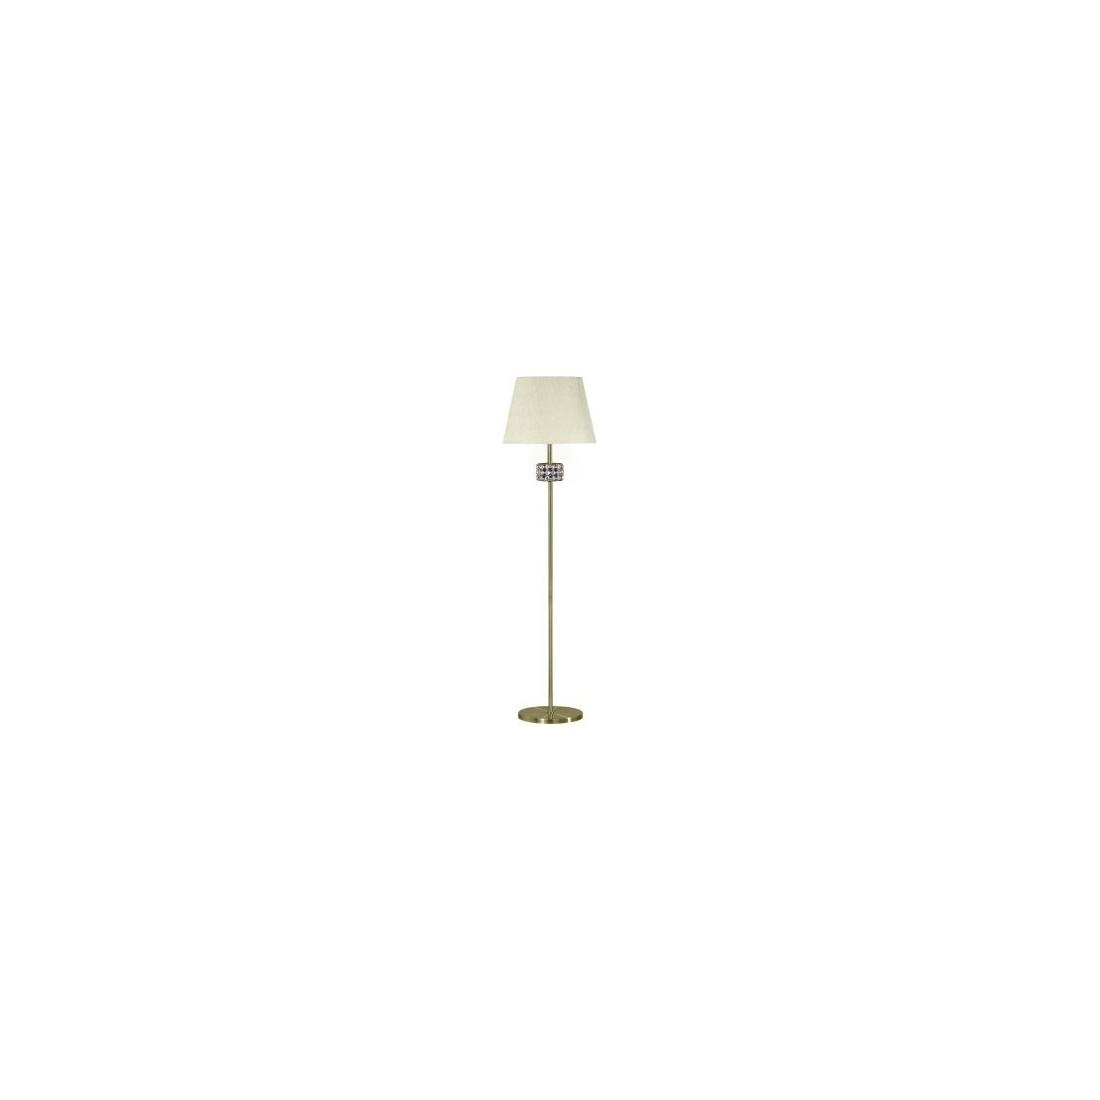 Lamparas colgantes lamparas colgantes online tiendas - Lamparas colgantes para cocina ...